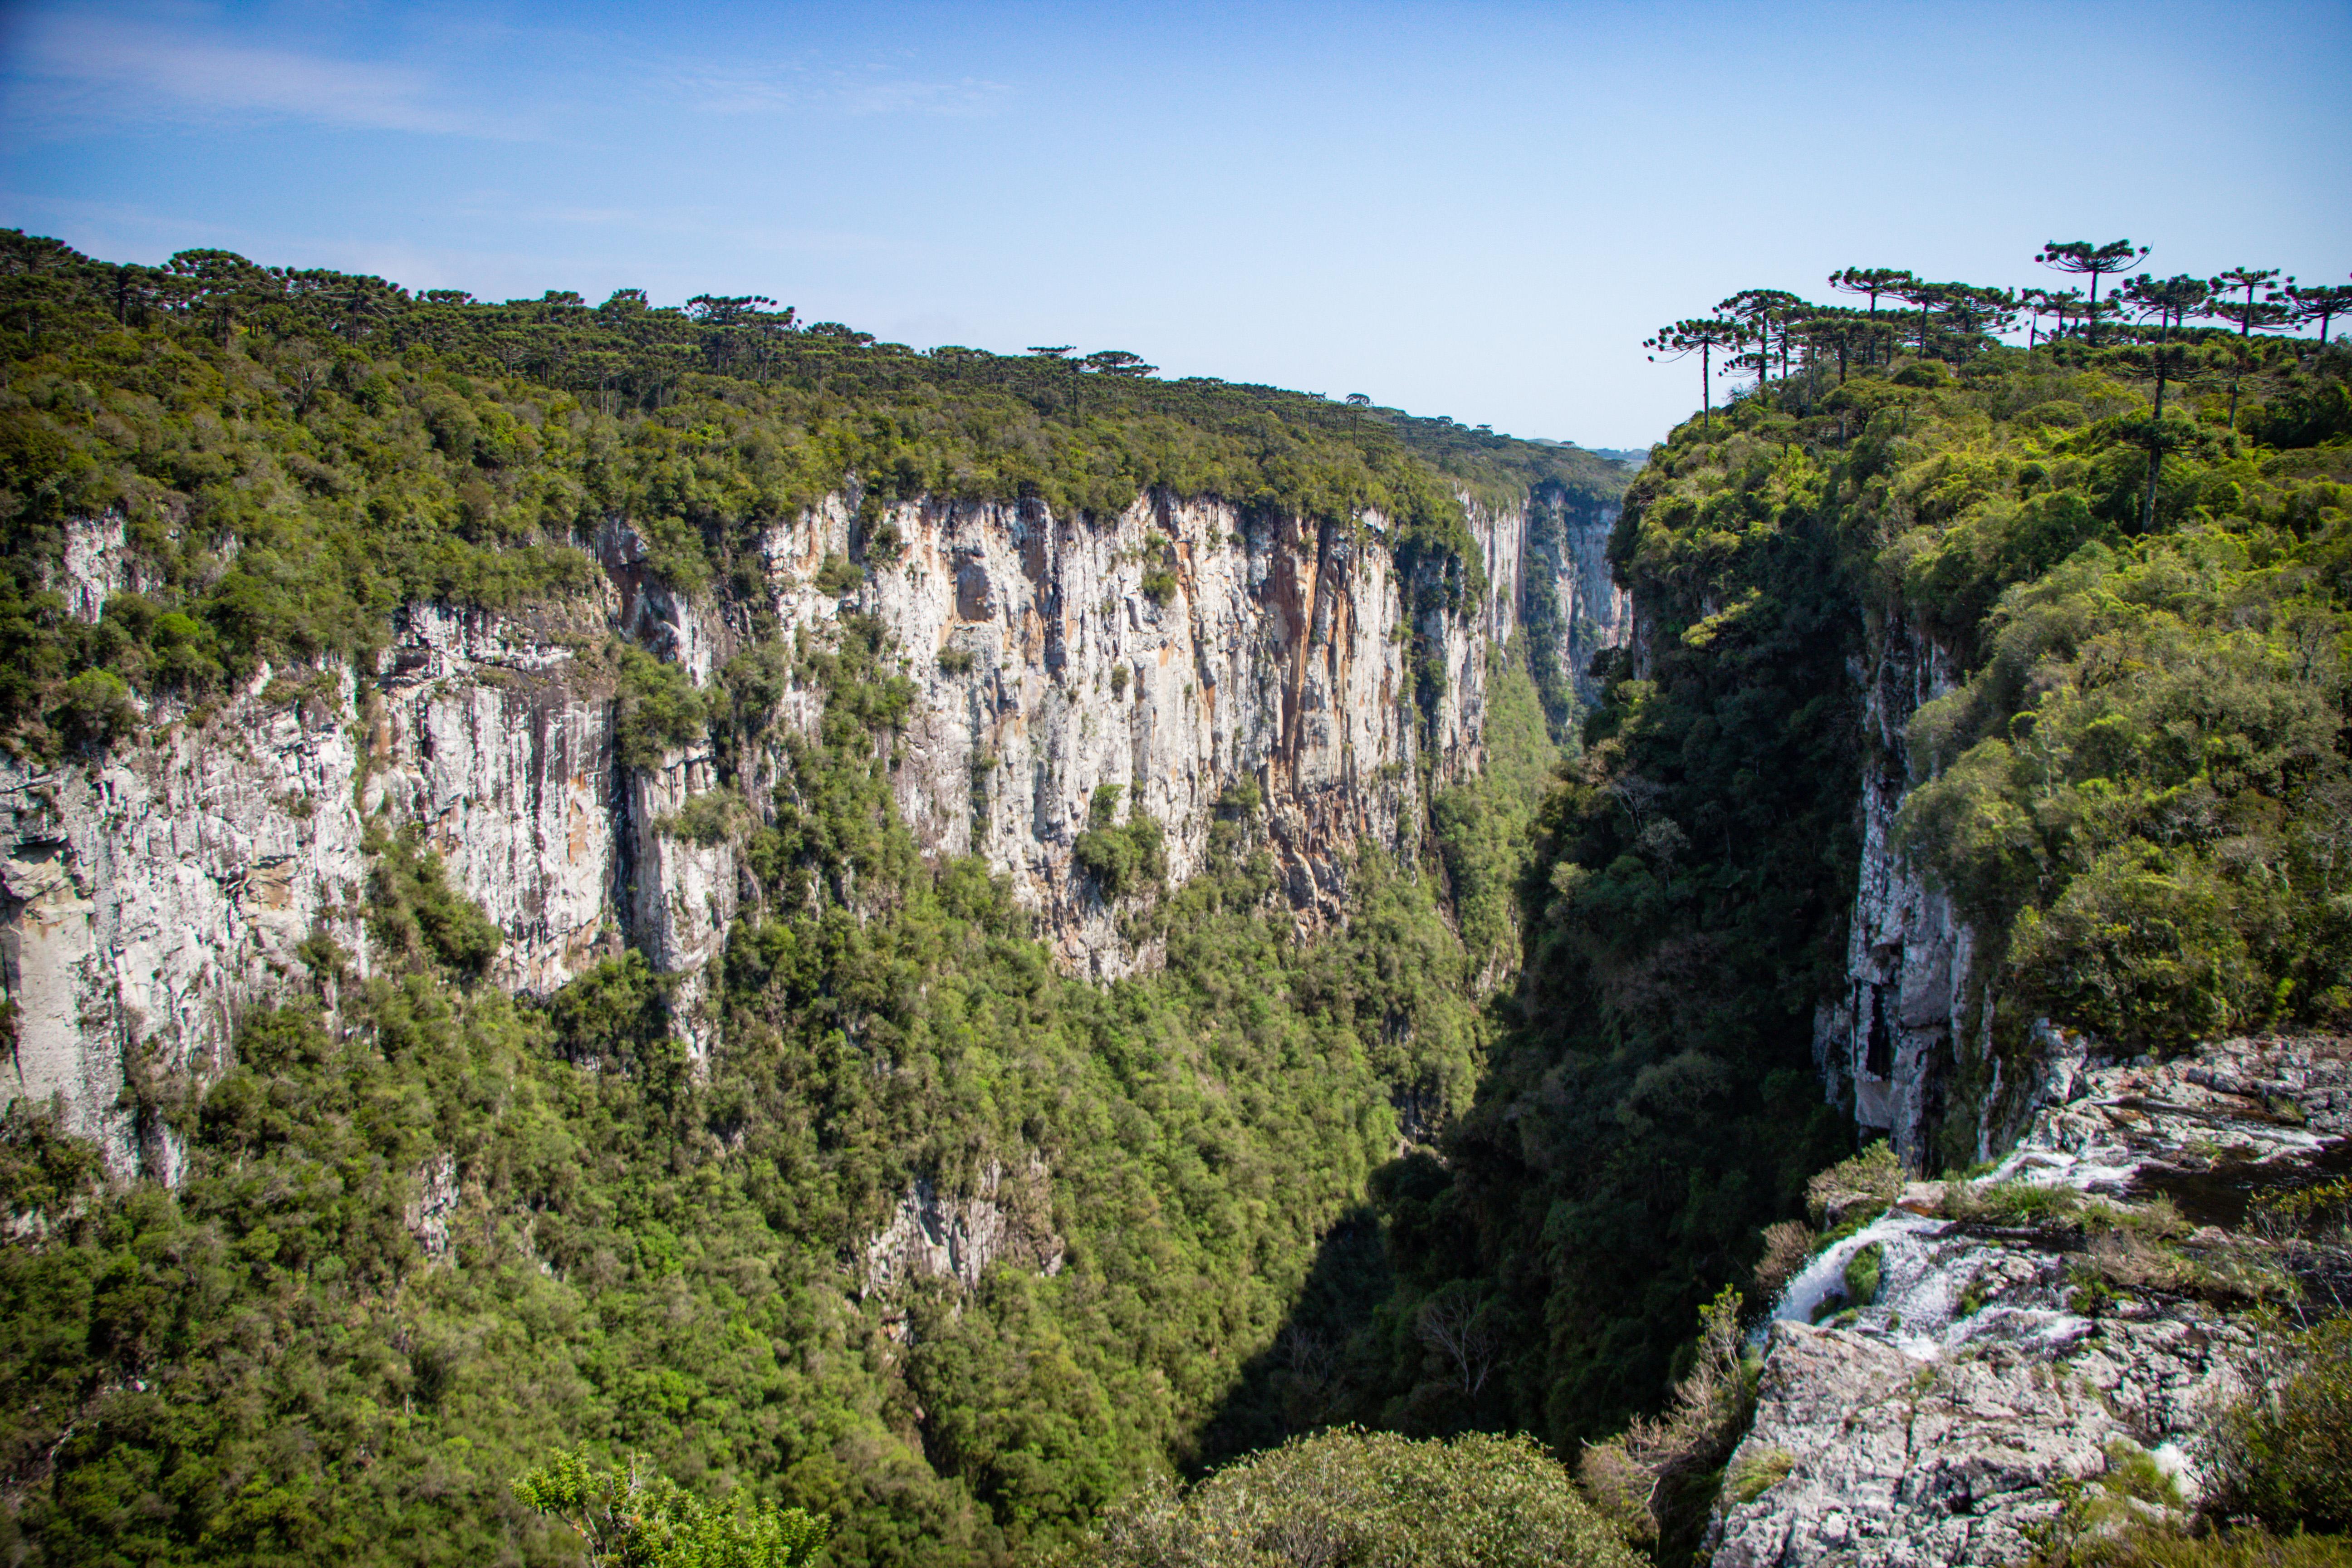 CÂNION ITAIMBEZINHO Mirante Cascata das Andorinhas